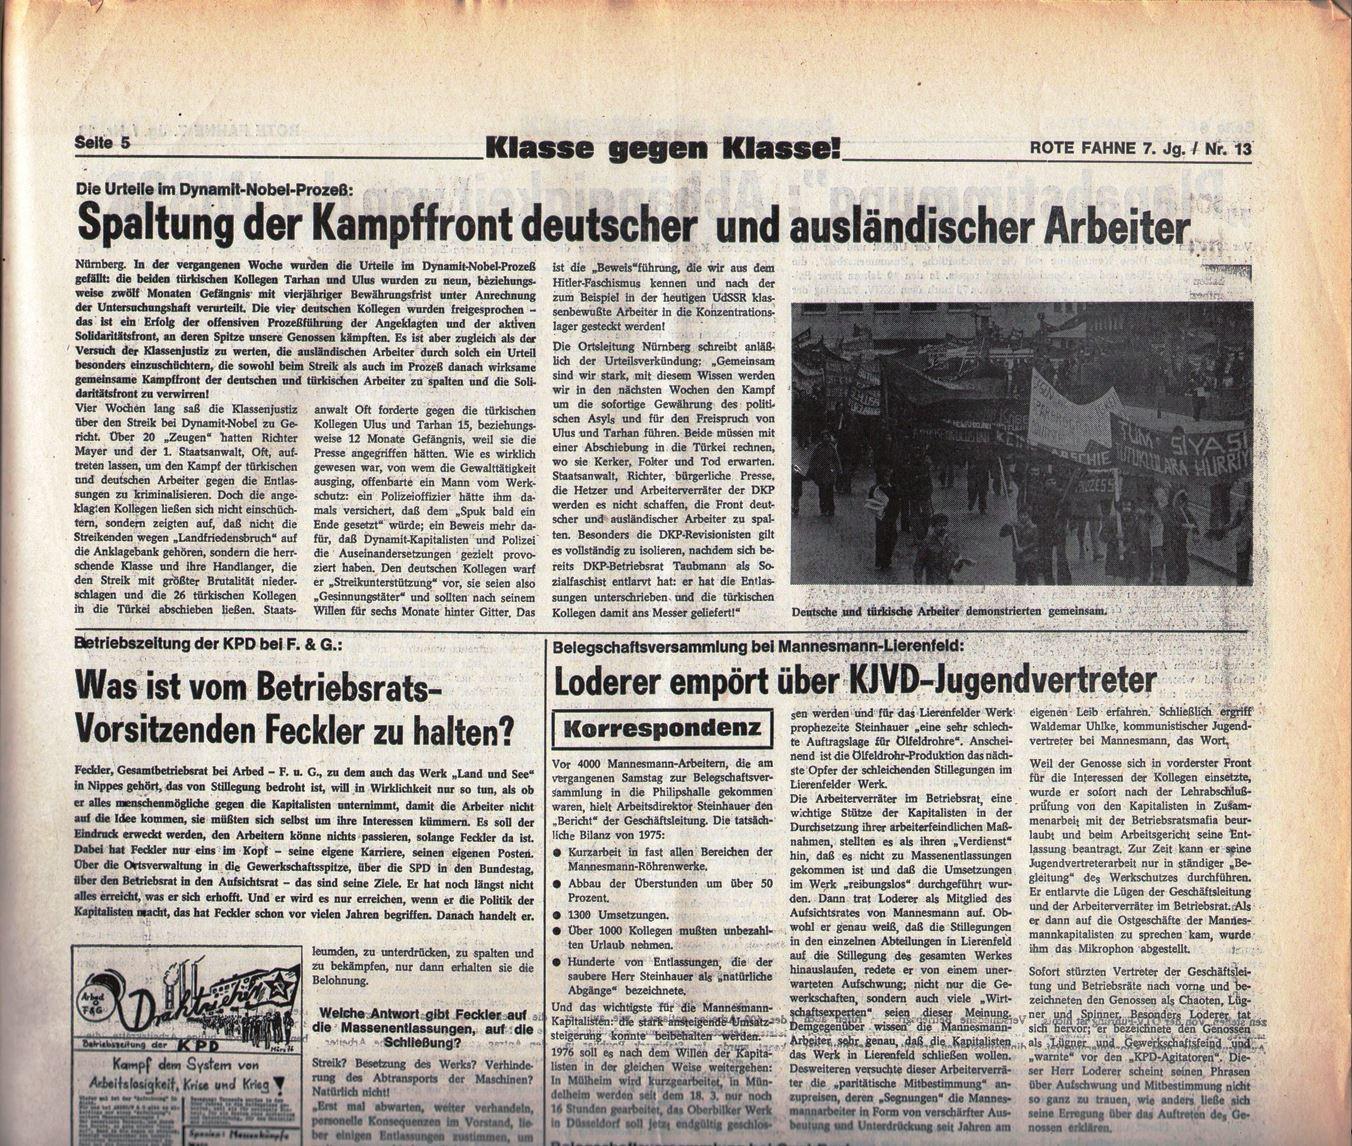 KPD_Rote_Fahne_1976_13_09